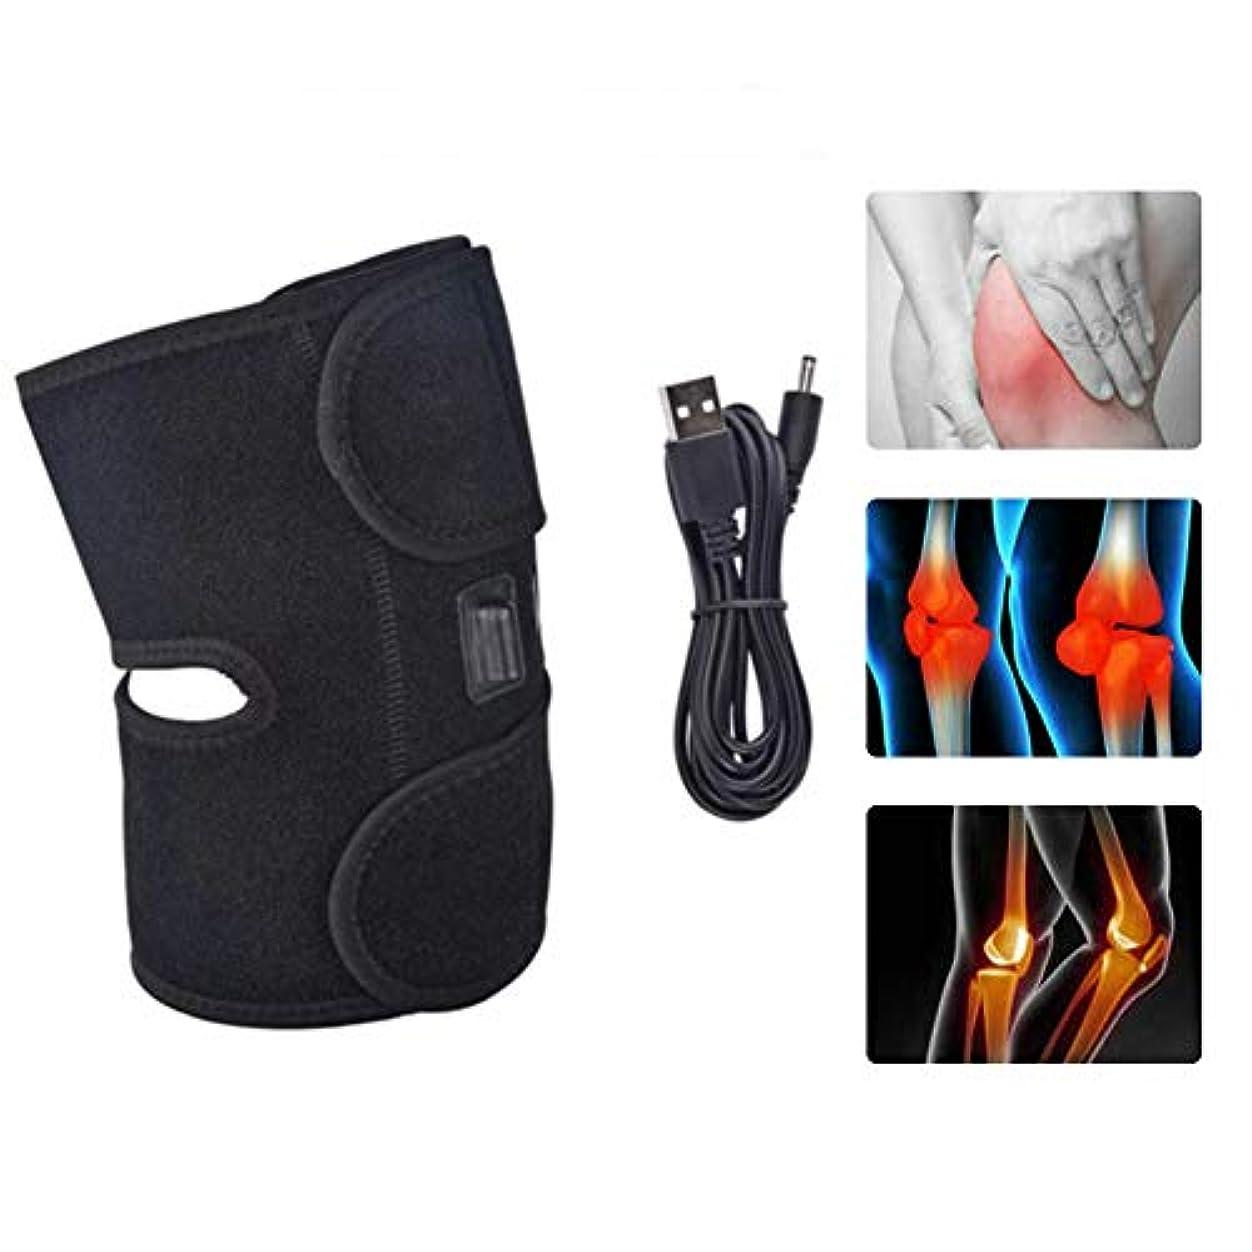 リクルート座標クルーズ膝の怪我のための3つのファイル温度療法の熱い圧縮の熱くするパッド膝の暖かいラップが付いている電気暖房の膝支柱,2pcs